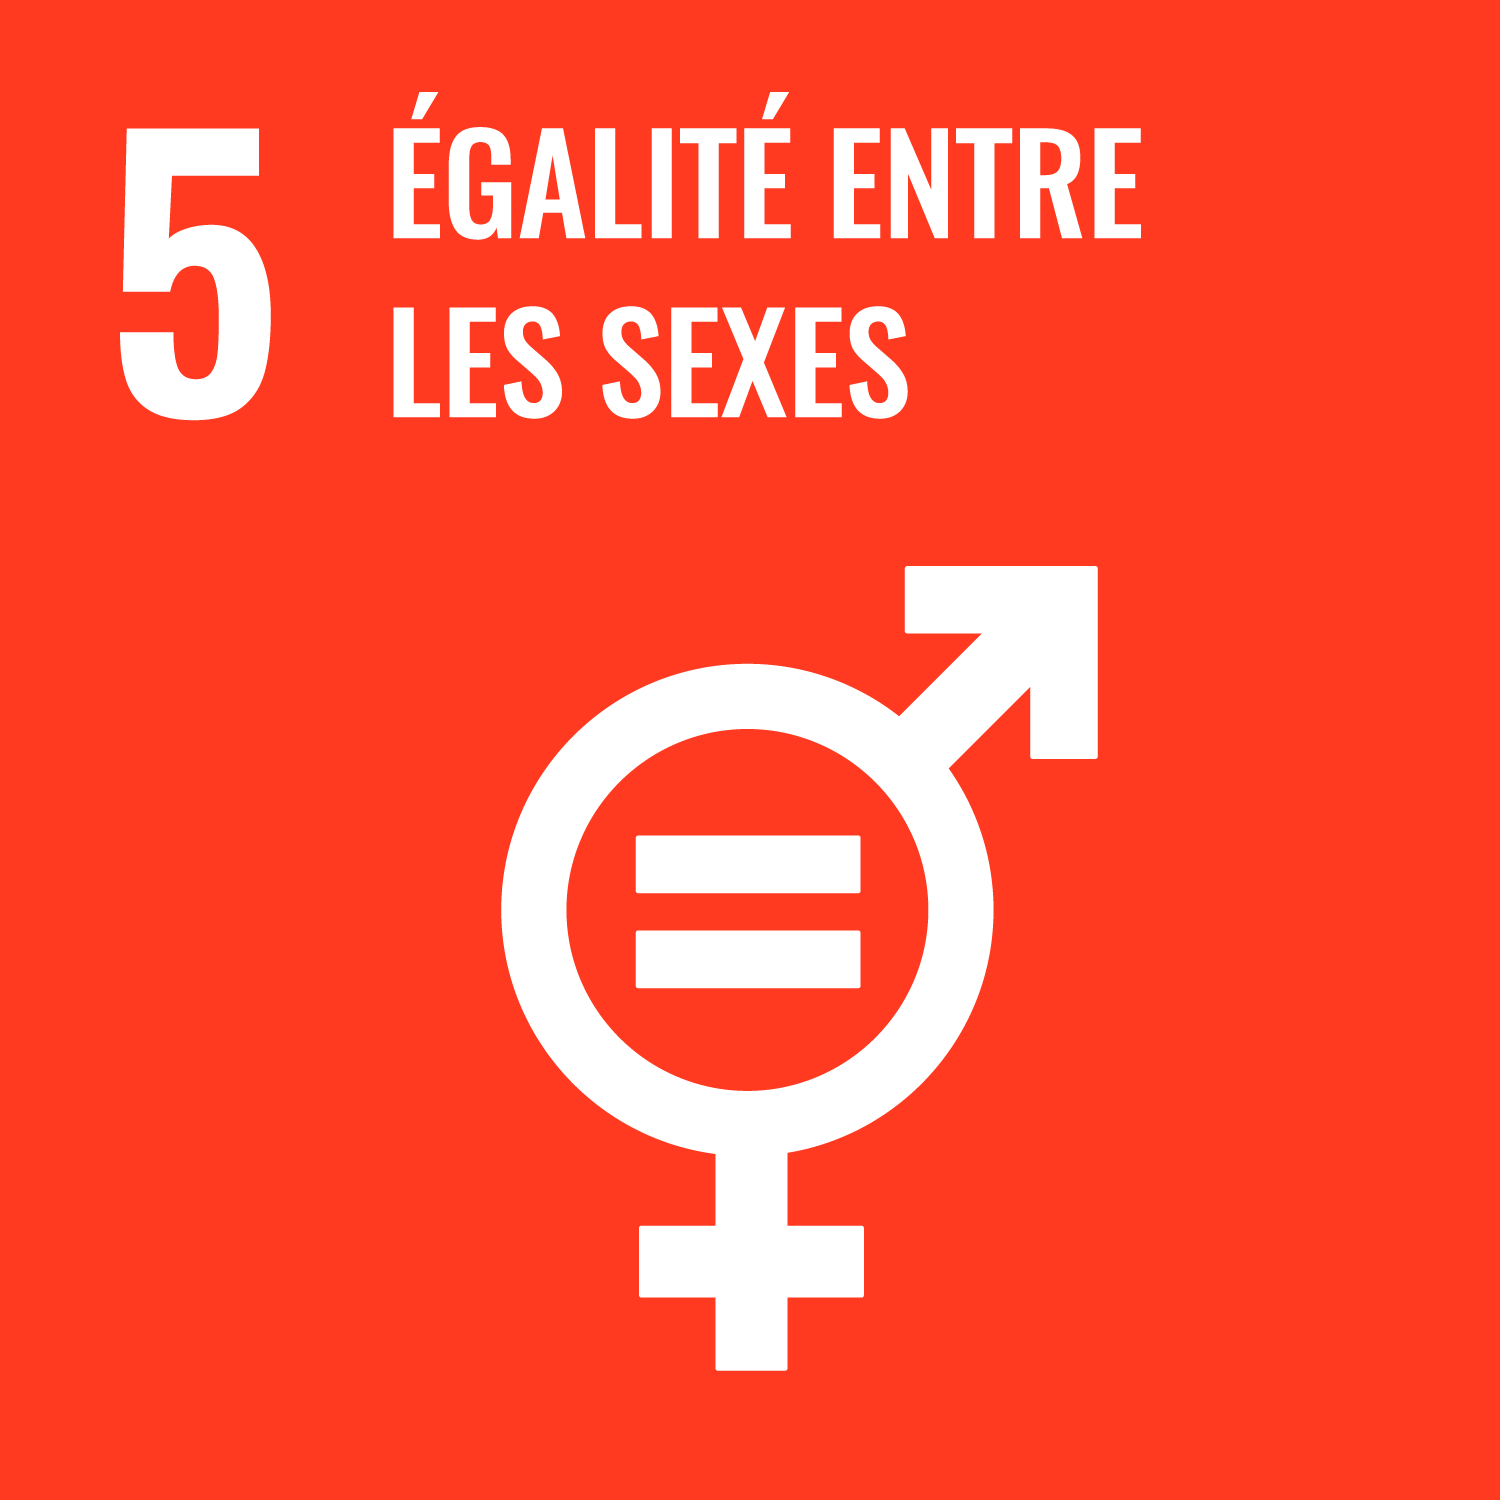 Icône représentant les deux symboles de genre et un égale au centre